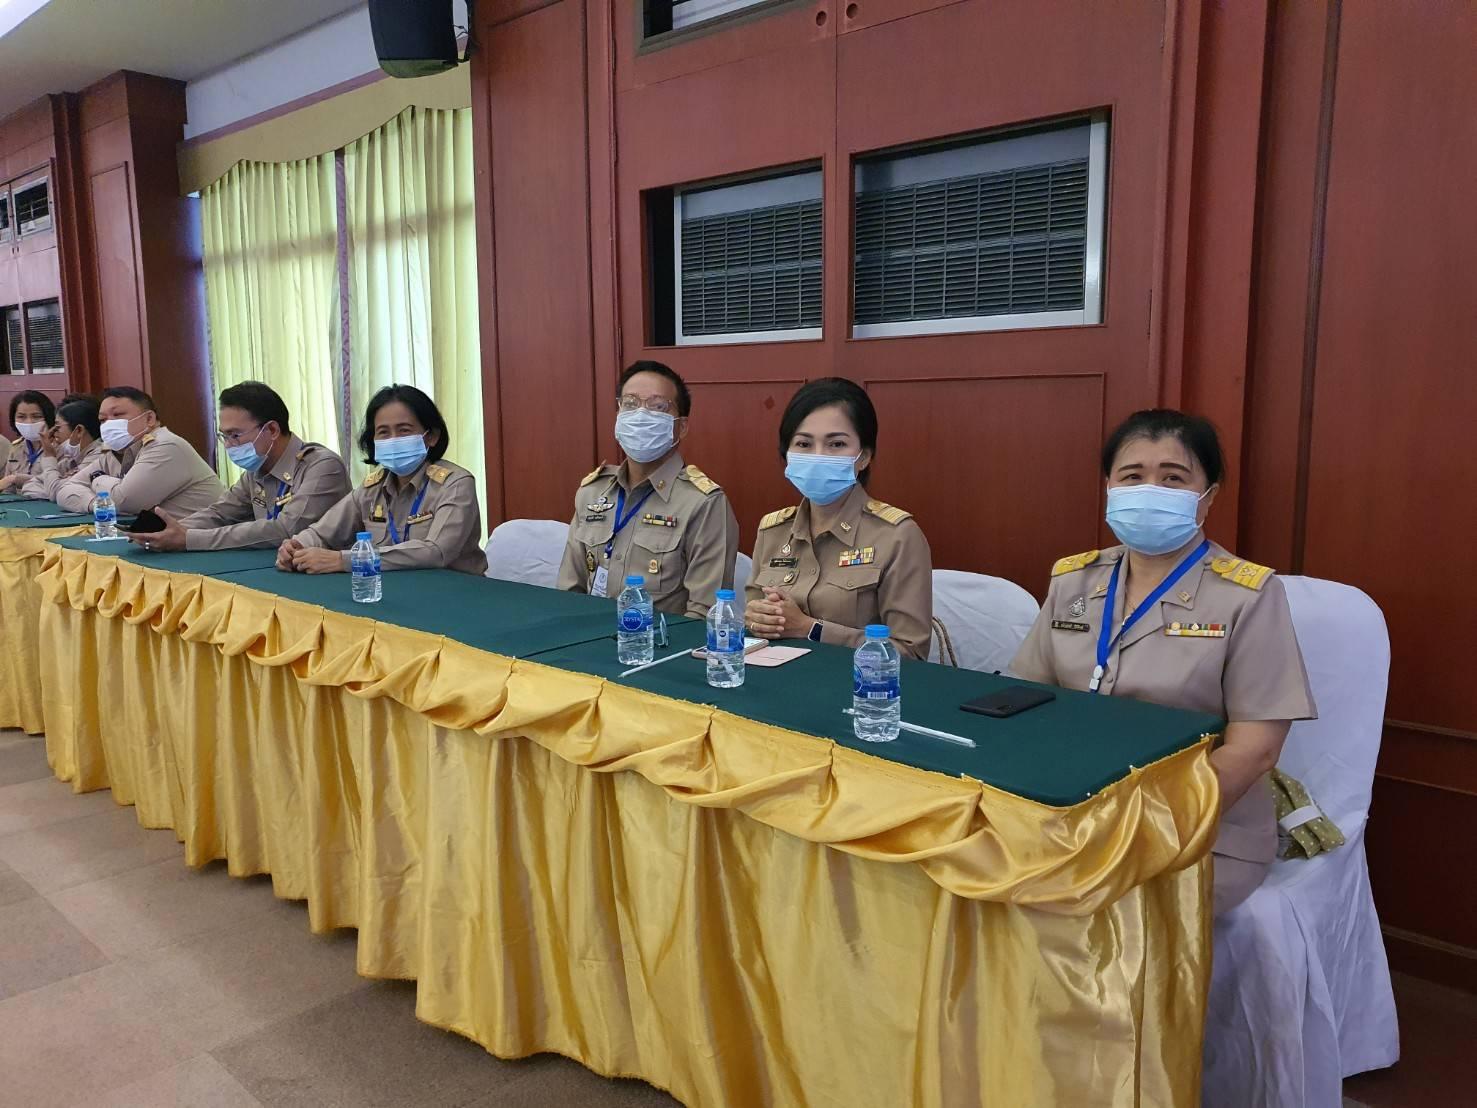 โครงการอบรมเตรียมความพร้อมและพัฒนาอย่างเข้มตำแหน่งครูผู้ช่วย สังกัดสำนักงาน กศน. จังหวัด กลุ่ม อู่ข้าวอู่น้ำ ระหว่างวันที่ 9-13 ตุลาคม 2563